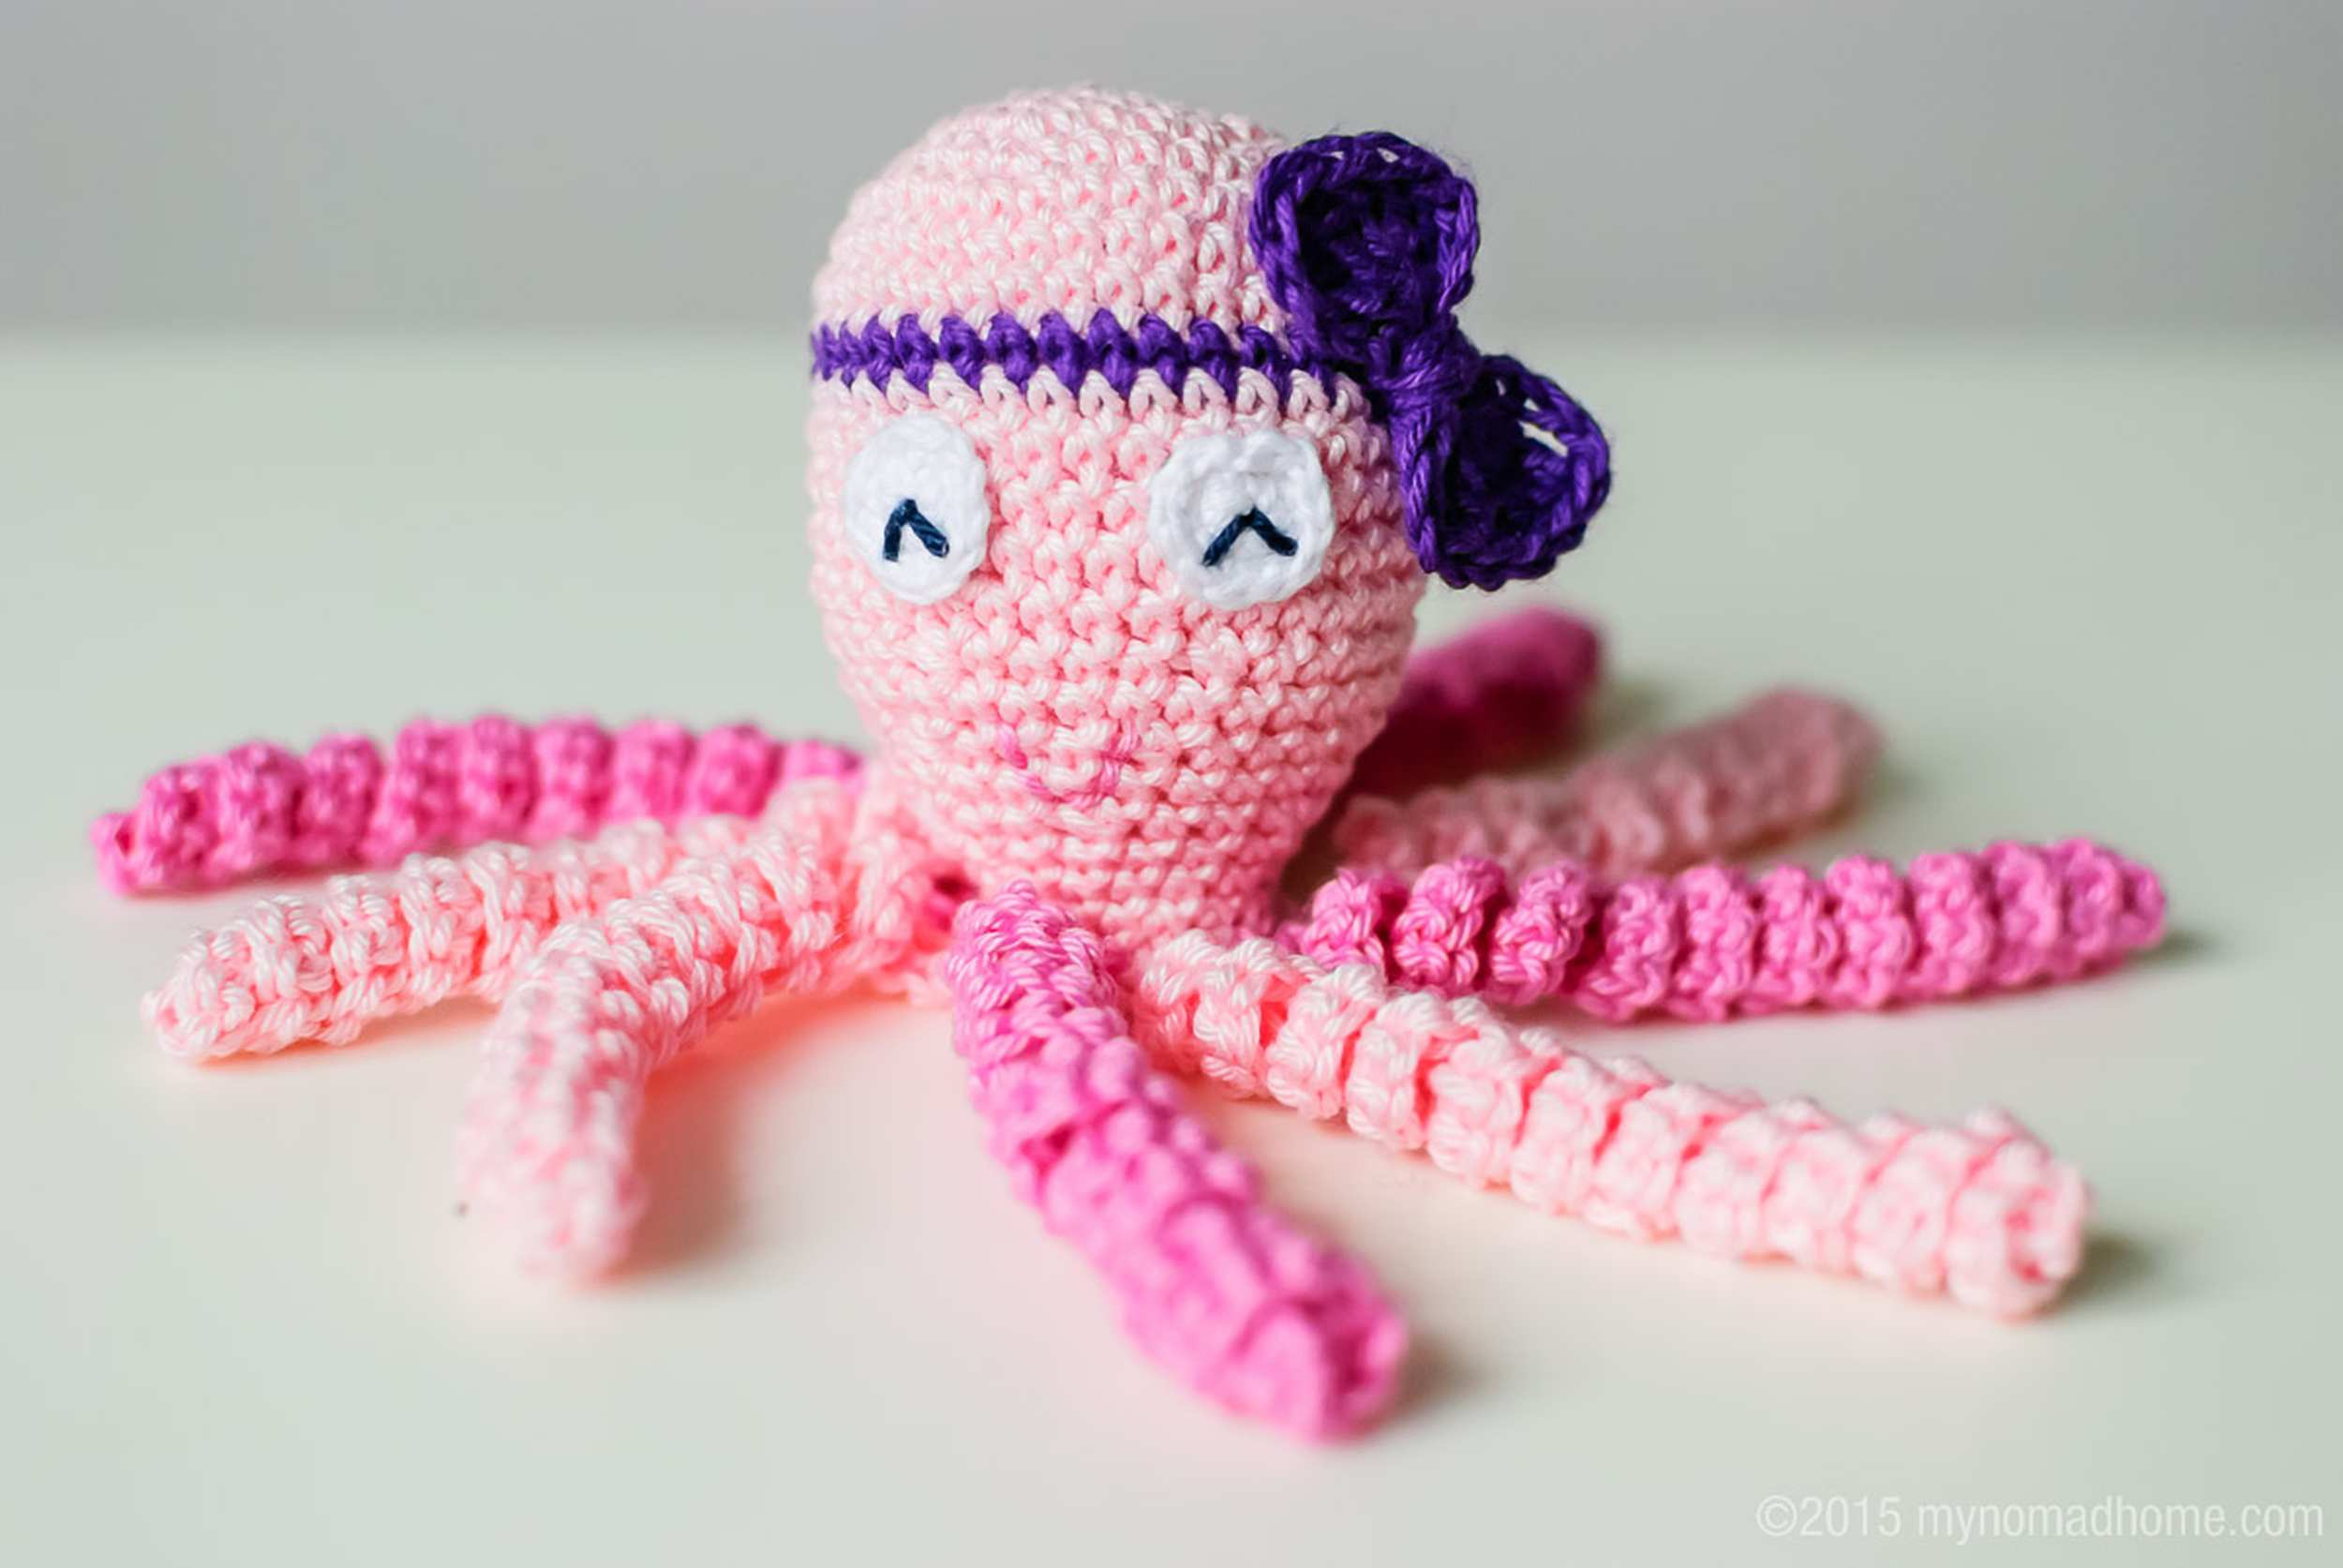 octopus-for-a-preemie-4246.jpg